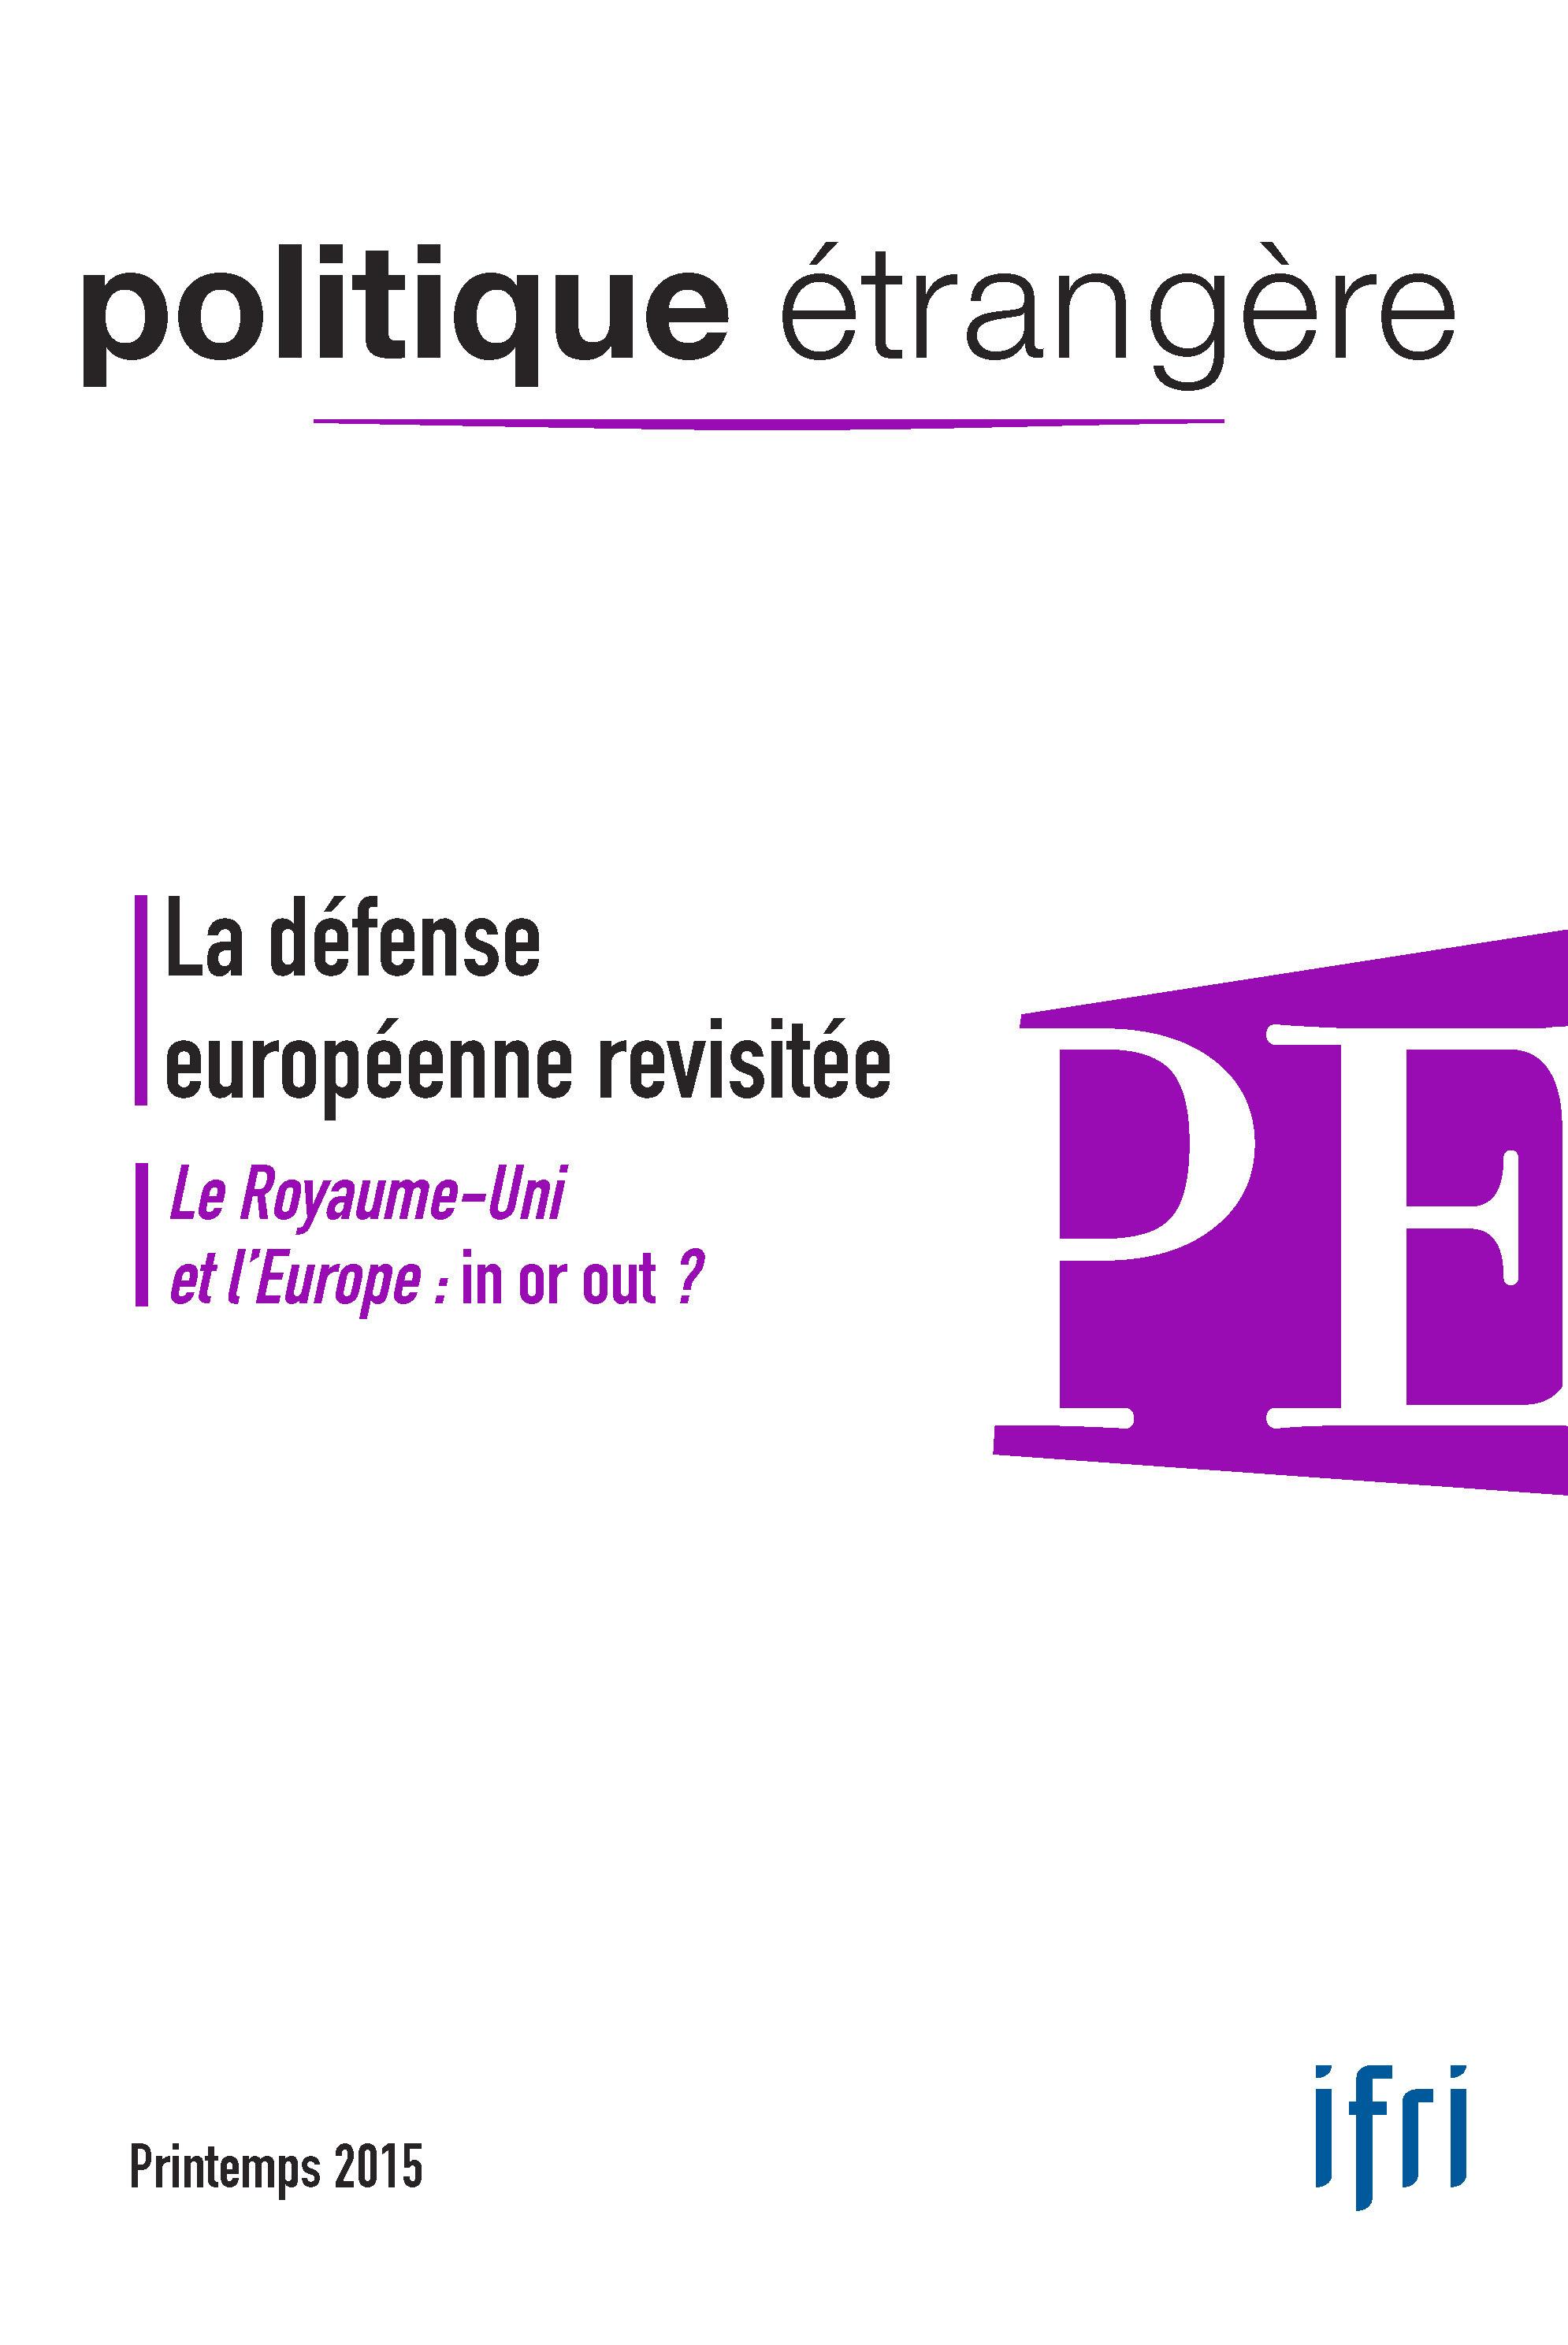 POLITIQUE ETRANGERE N.1 ; la défense européenne revisitée